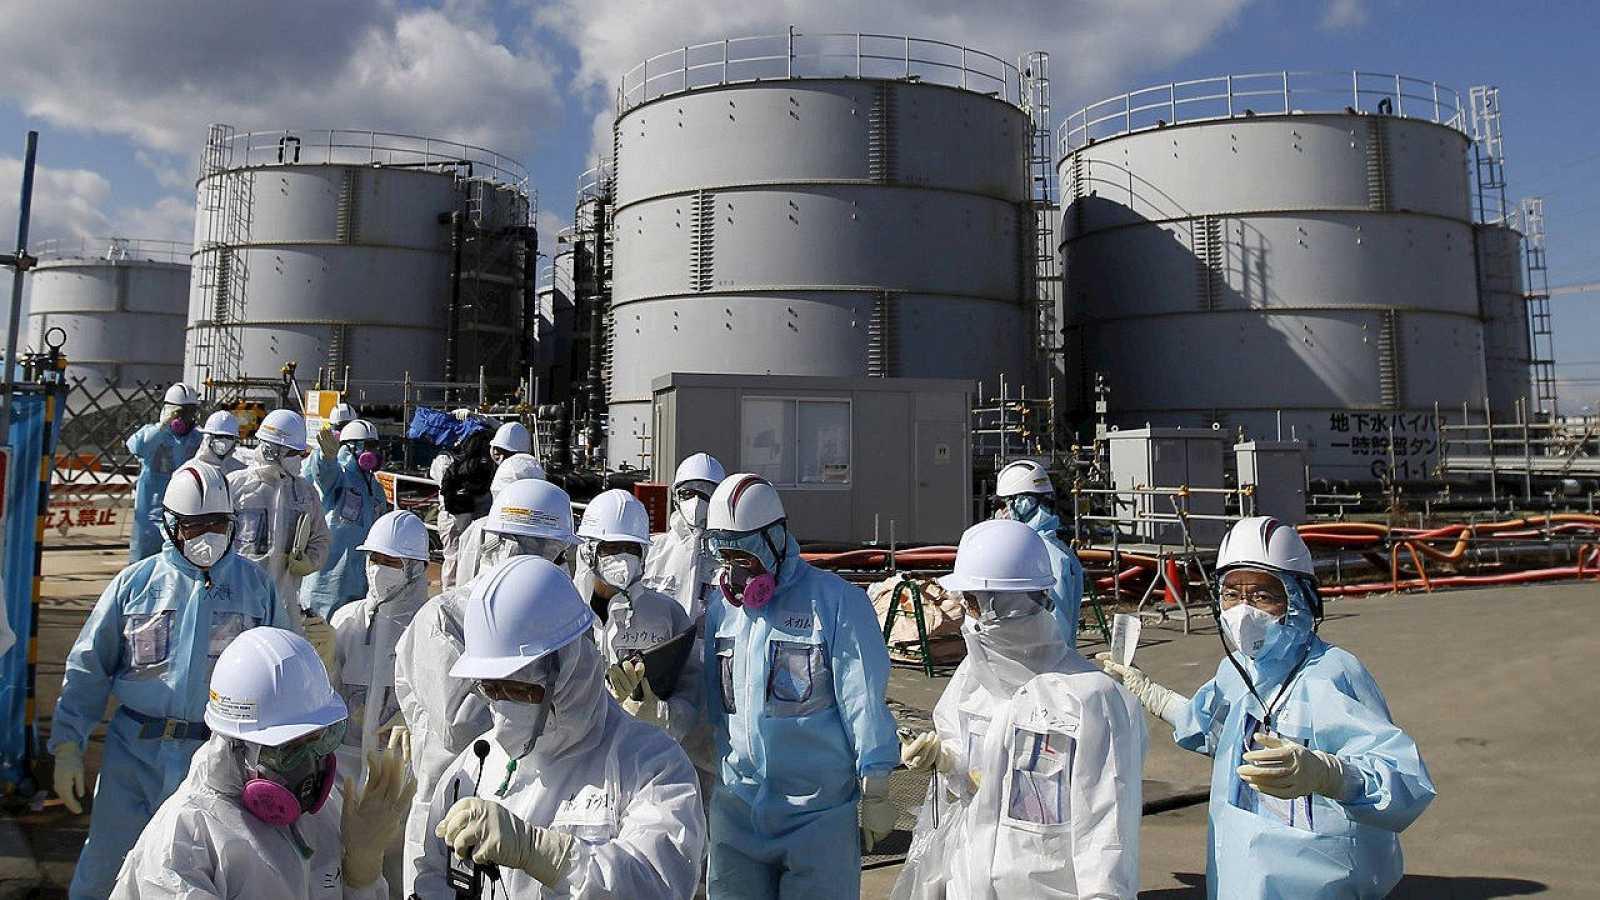 Periodistas protegidos por trajes anti-radiación visitan la central de Fukushima, en Japón, el 10 de febrero de 2016. REUTERS/Toru Hanai